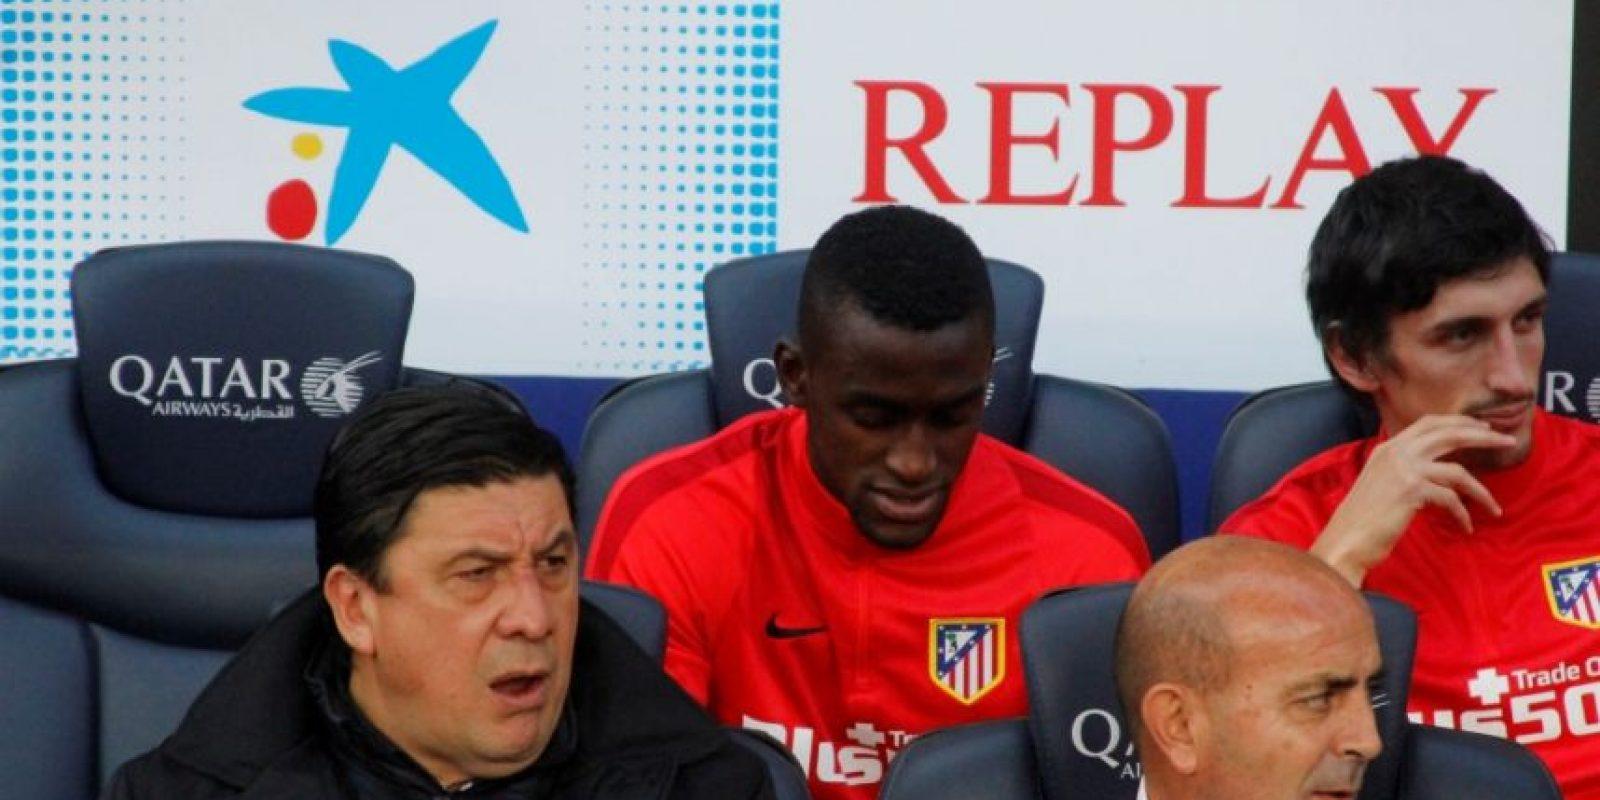 Solo marcó tres goles Foto:Ramón Mompió